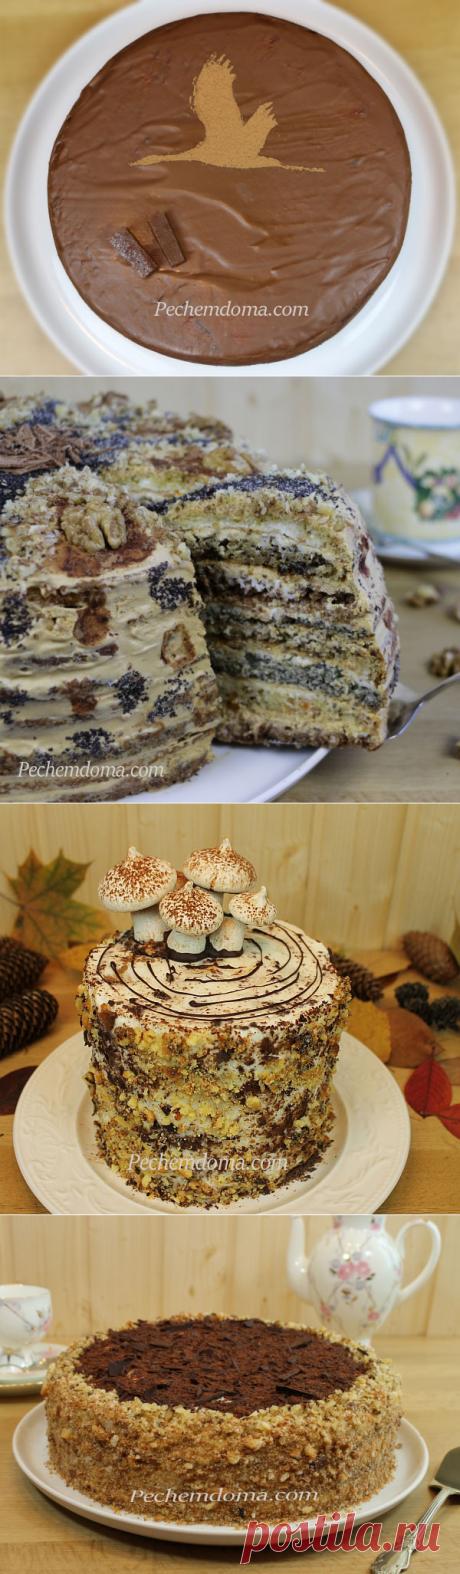 Cakes | Pechemdoma.com